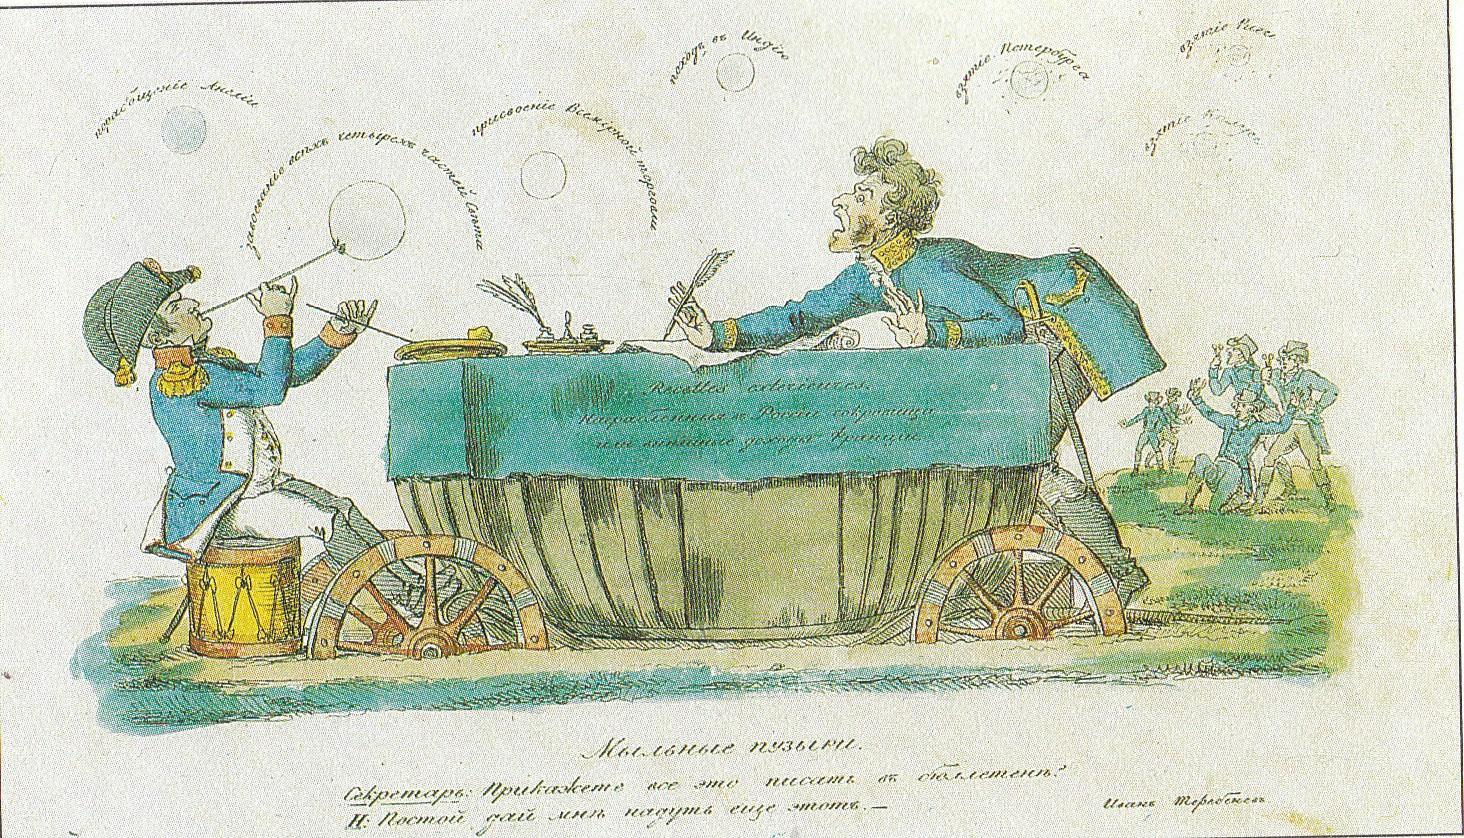 И.И.Теребенев. Наполеон занимается прожектами снарядов для будущей кампании своей против русских.